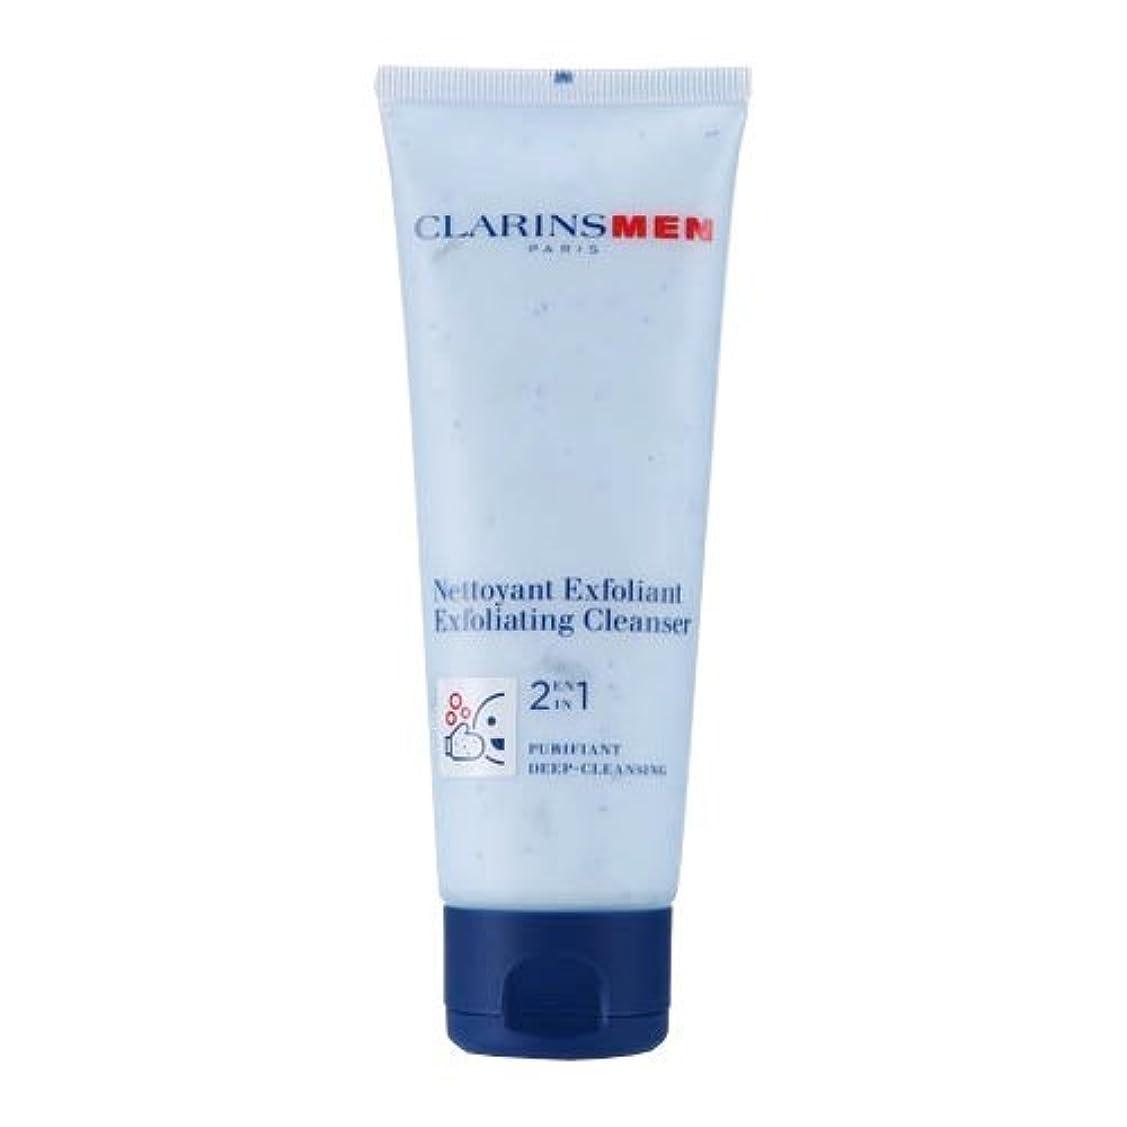 仲人健康グローバルクラランス(CLARINS) クラランスメン エクスフォリエイティングクレンザーメンズ 125ml[並行輸入品]